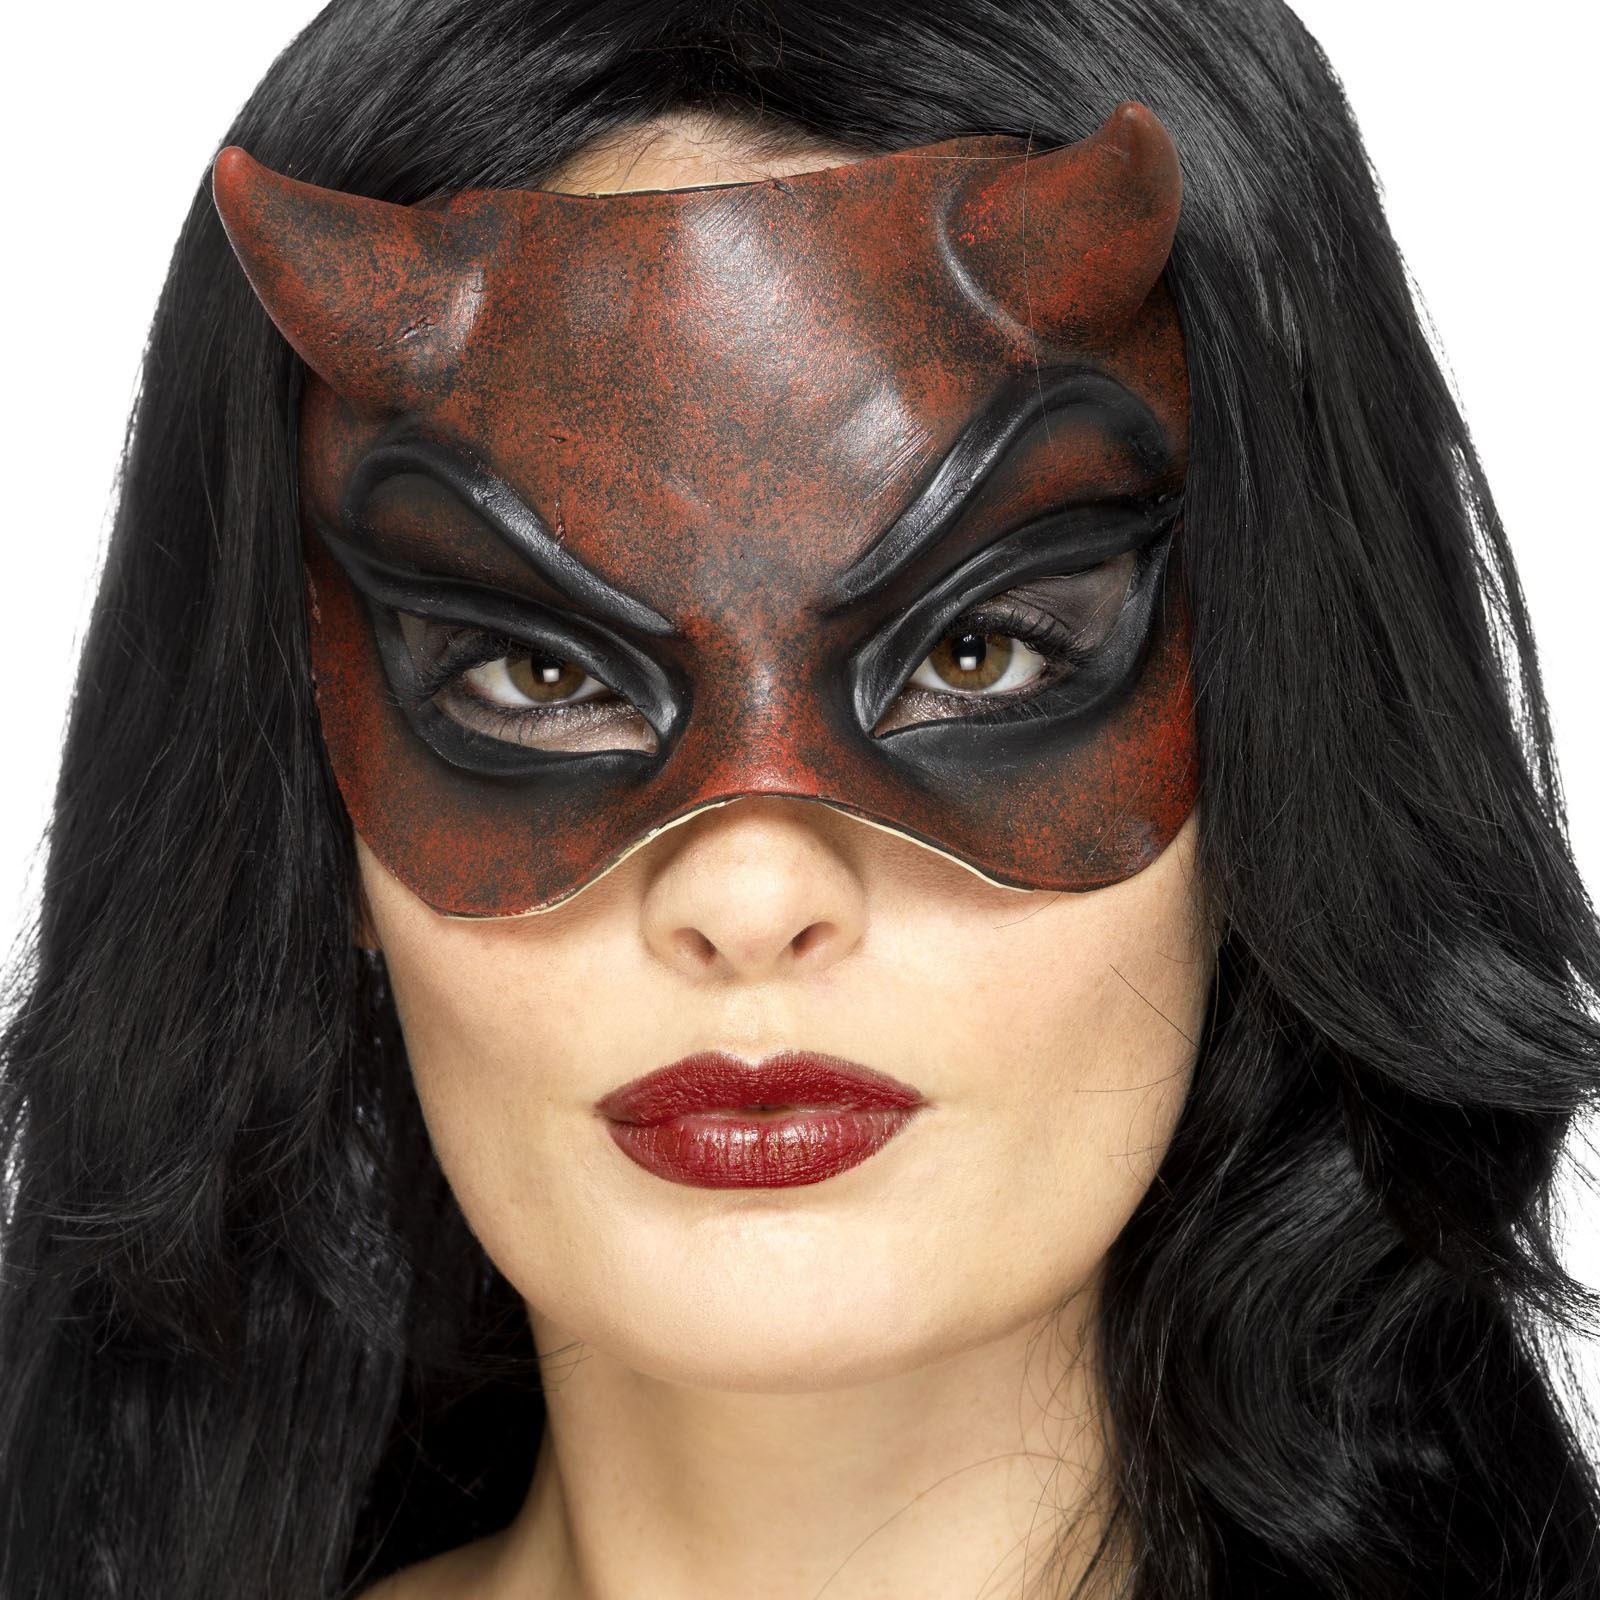 Deluxe Red Latex Devil Diablo Mask Halloween Fancy Dress